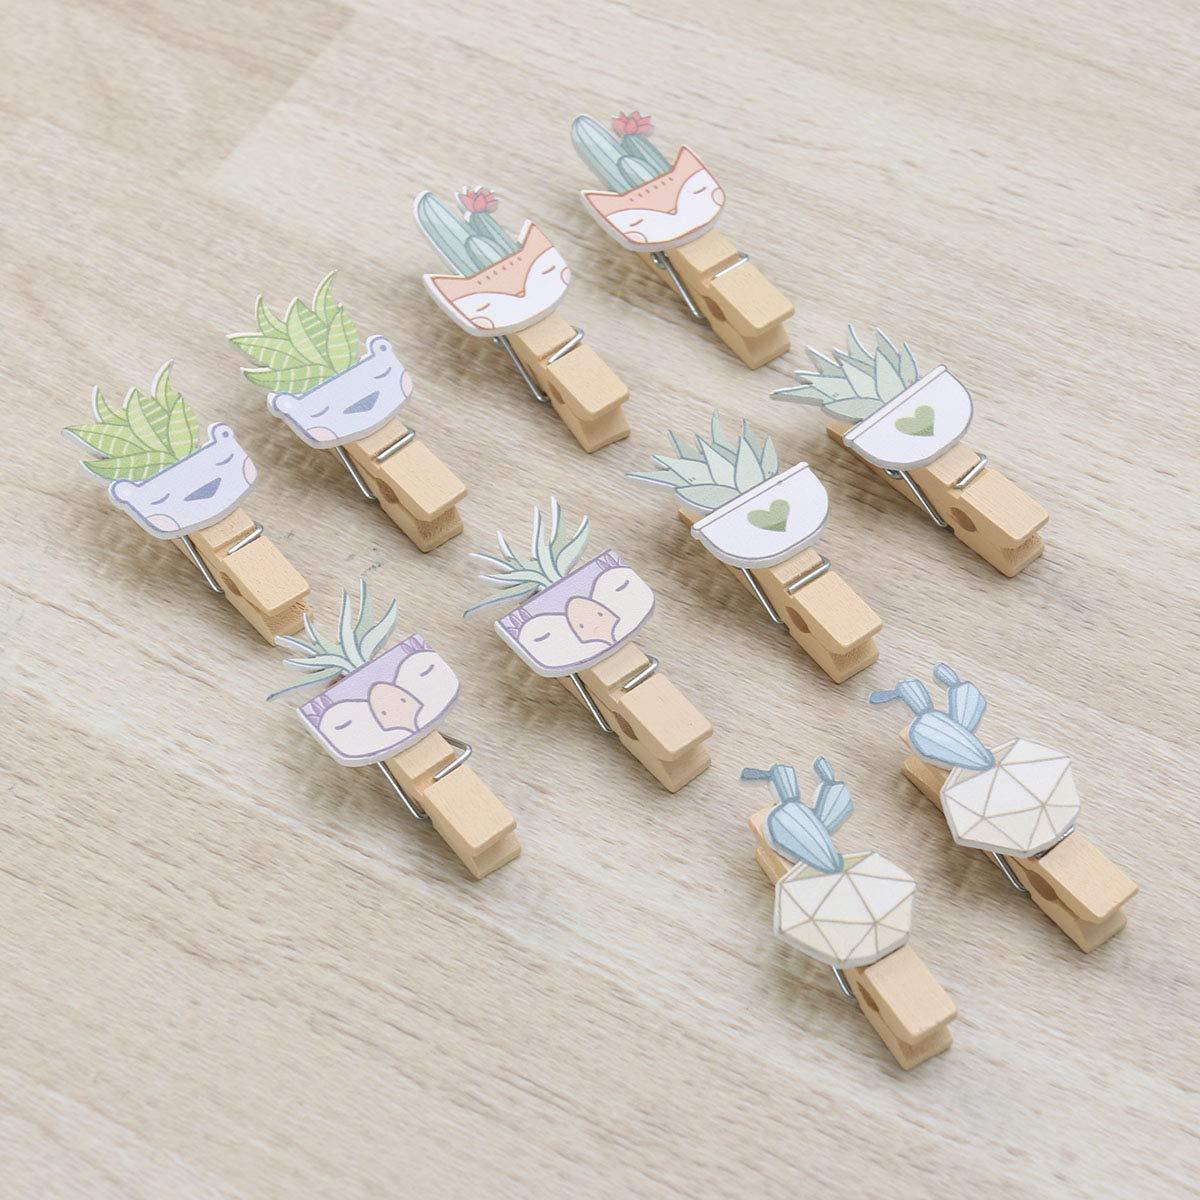 Amosfun Clip per Foto in Legno Flower Craft Pins per Pasqua Festa di Nozze Foto Memo Card con Corda di Canapa 10pz